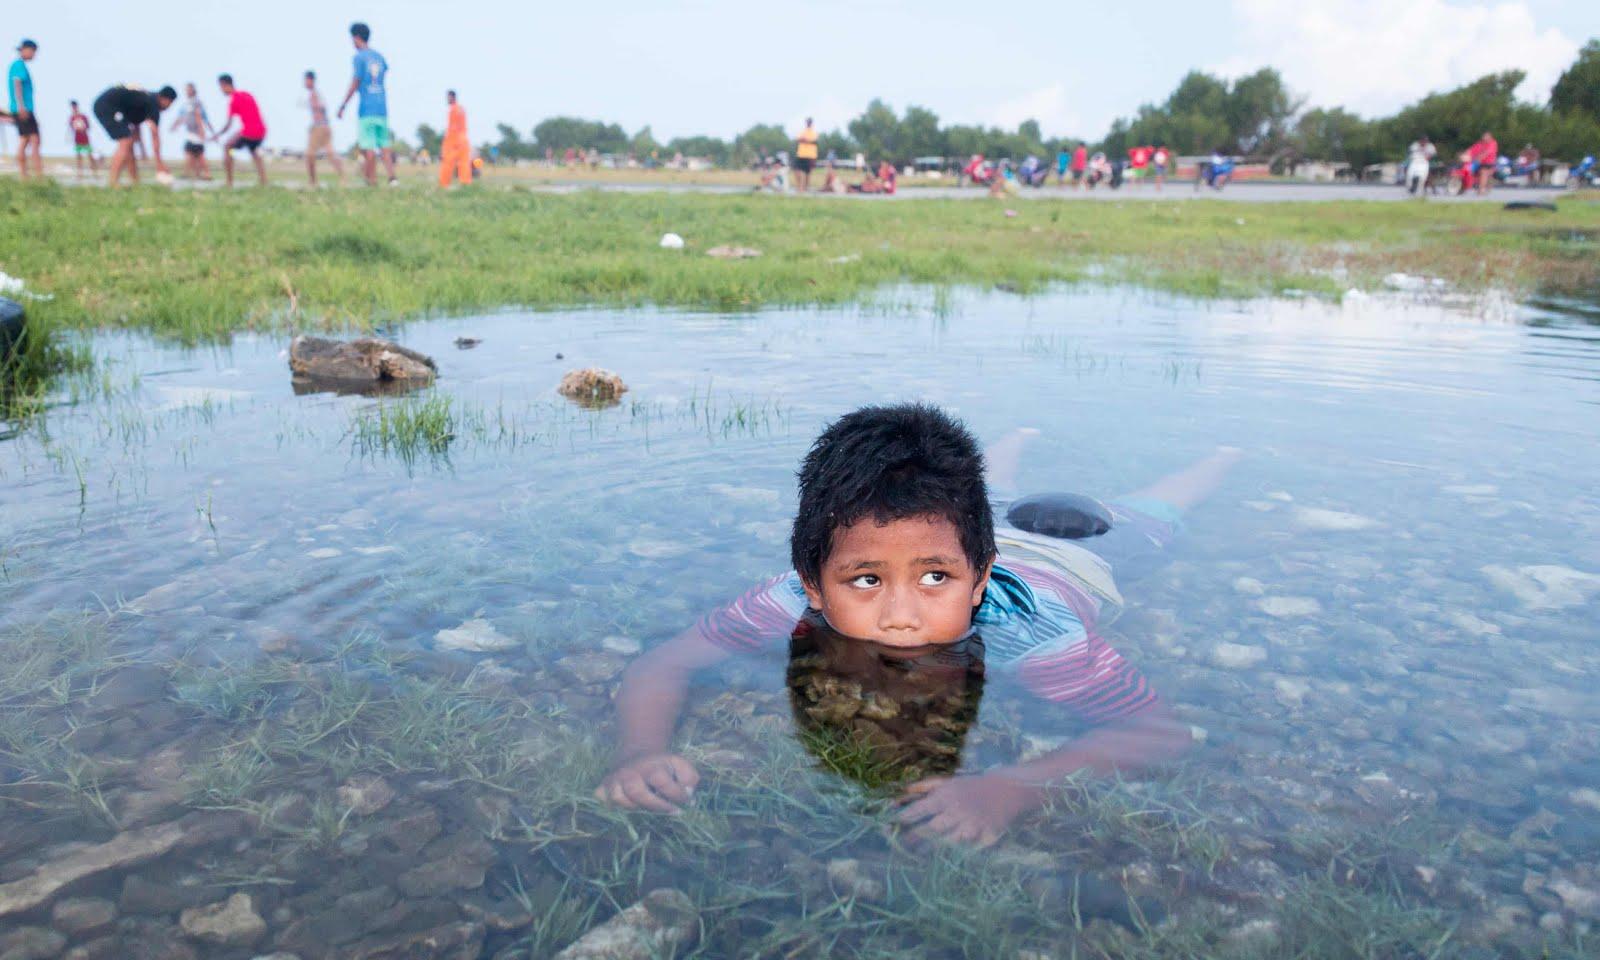 Seas rise, hope sinks: Tuvalu